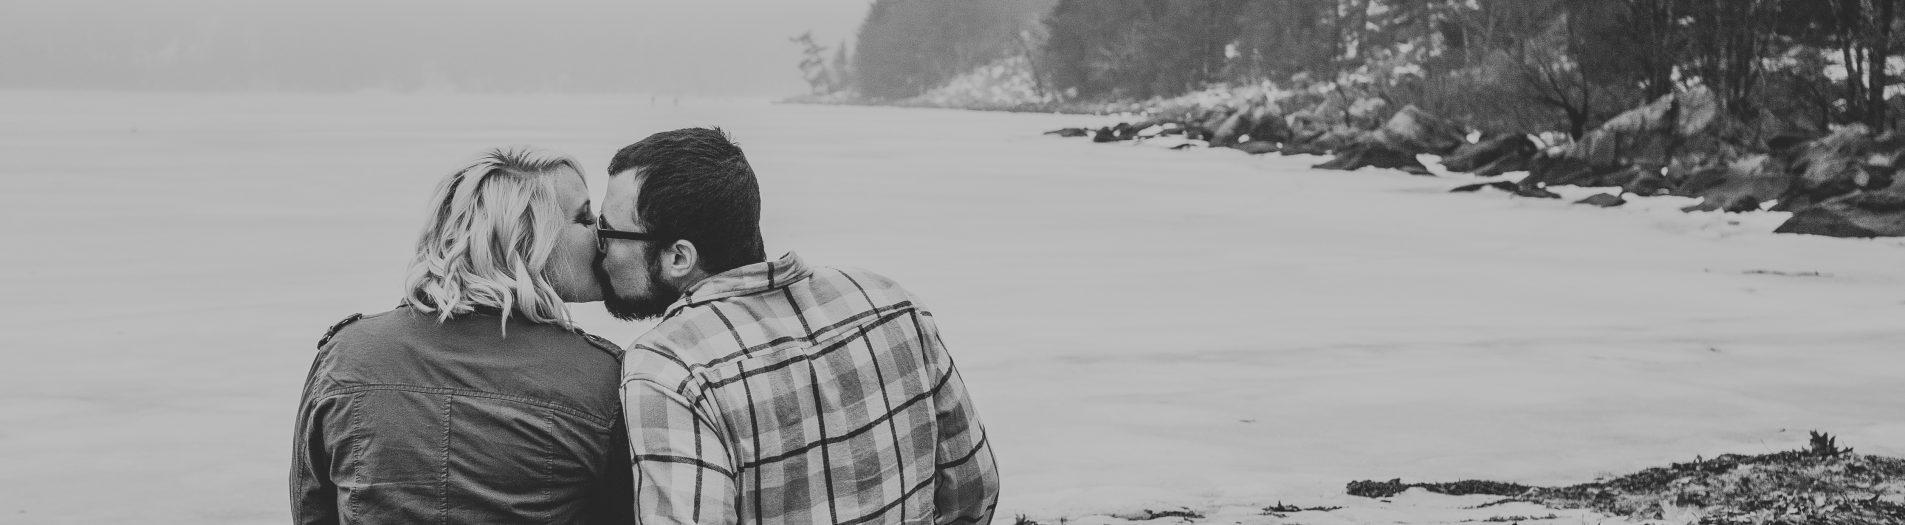 Devils Lake Family Photos: Nadeen and Ryan